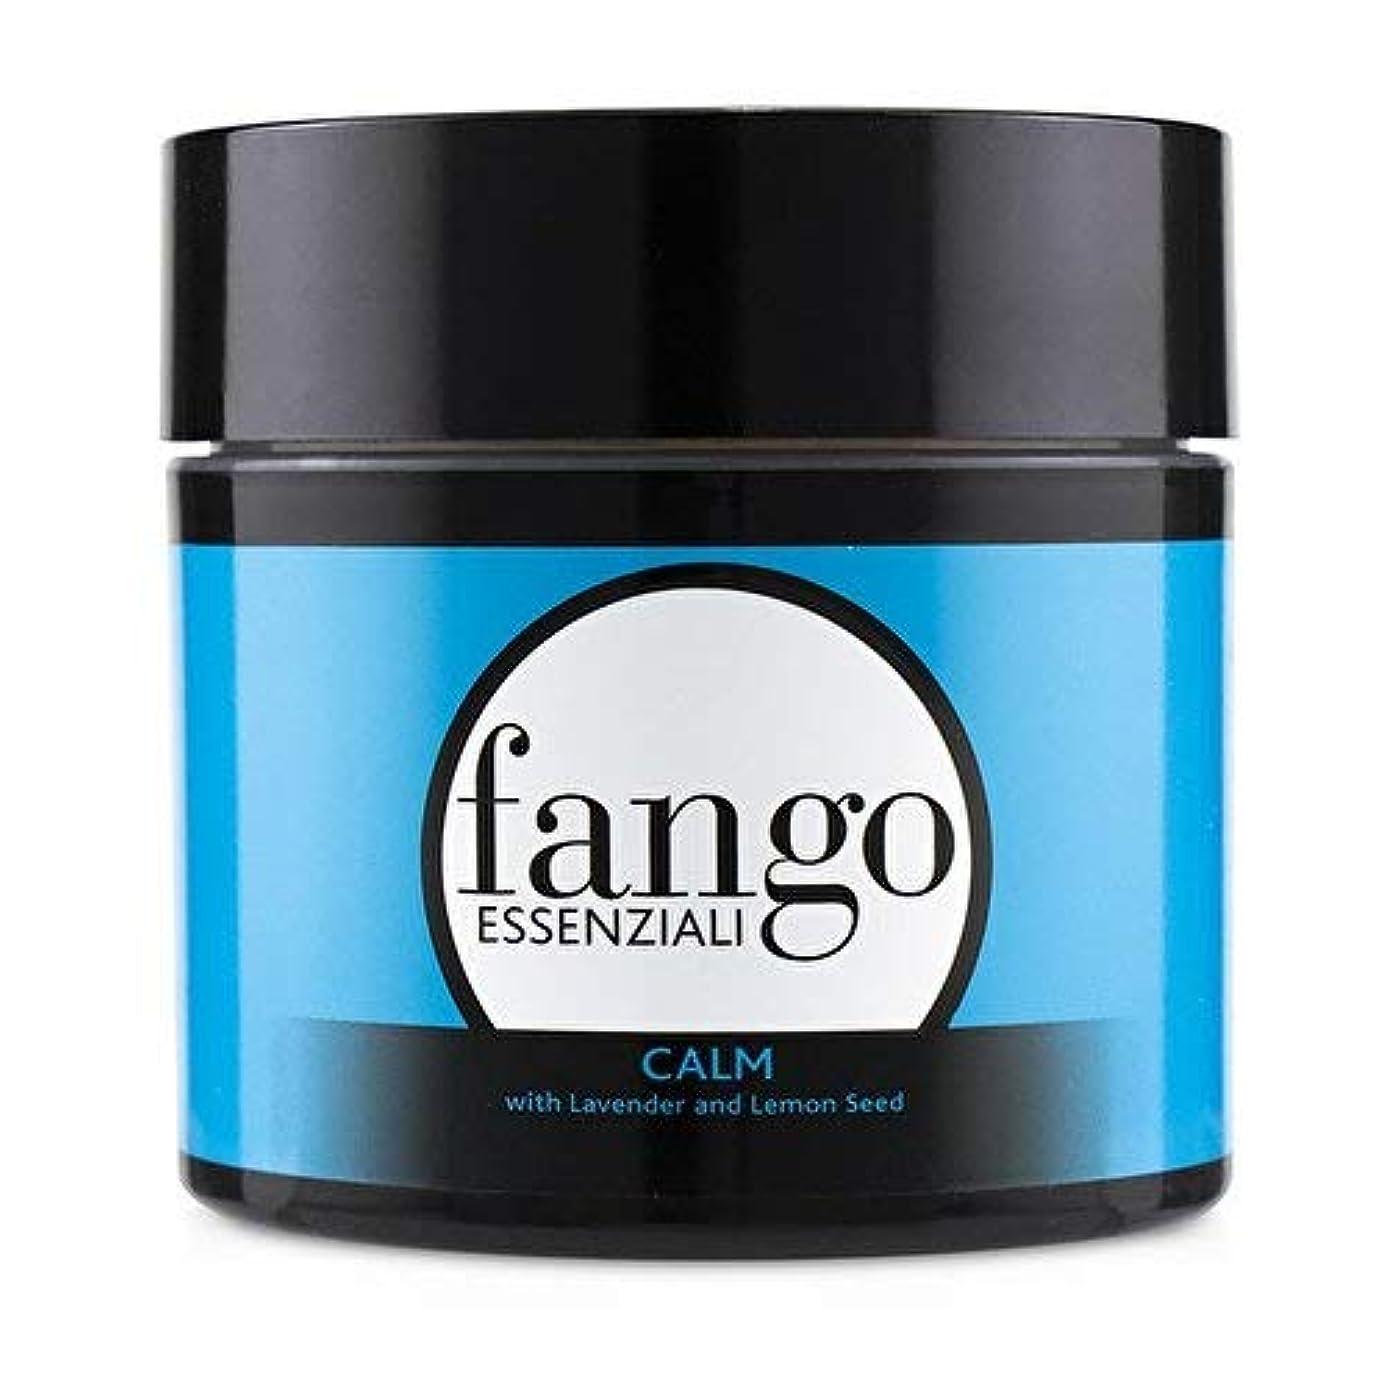 目指すエレクトロニック面ボルゲーゼ Fango Essenziali Calm Mud Mask with Lavender & Lemon Seed 198g/7oz並行輸入品